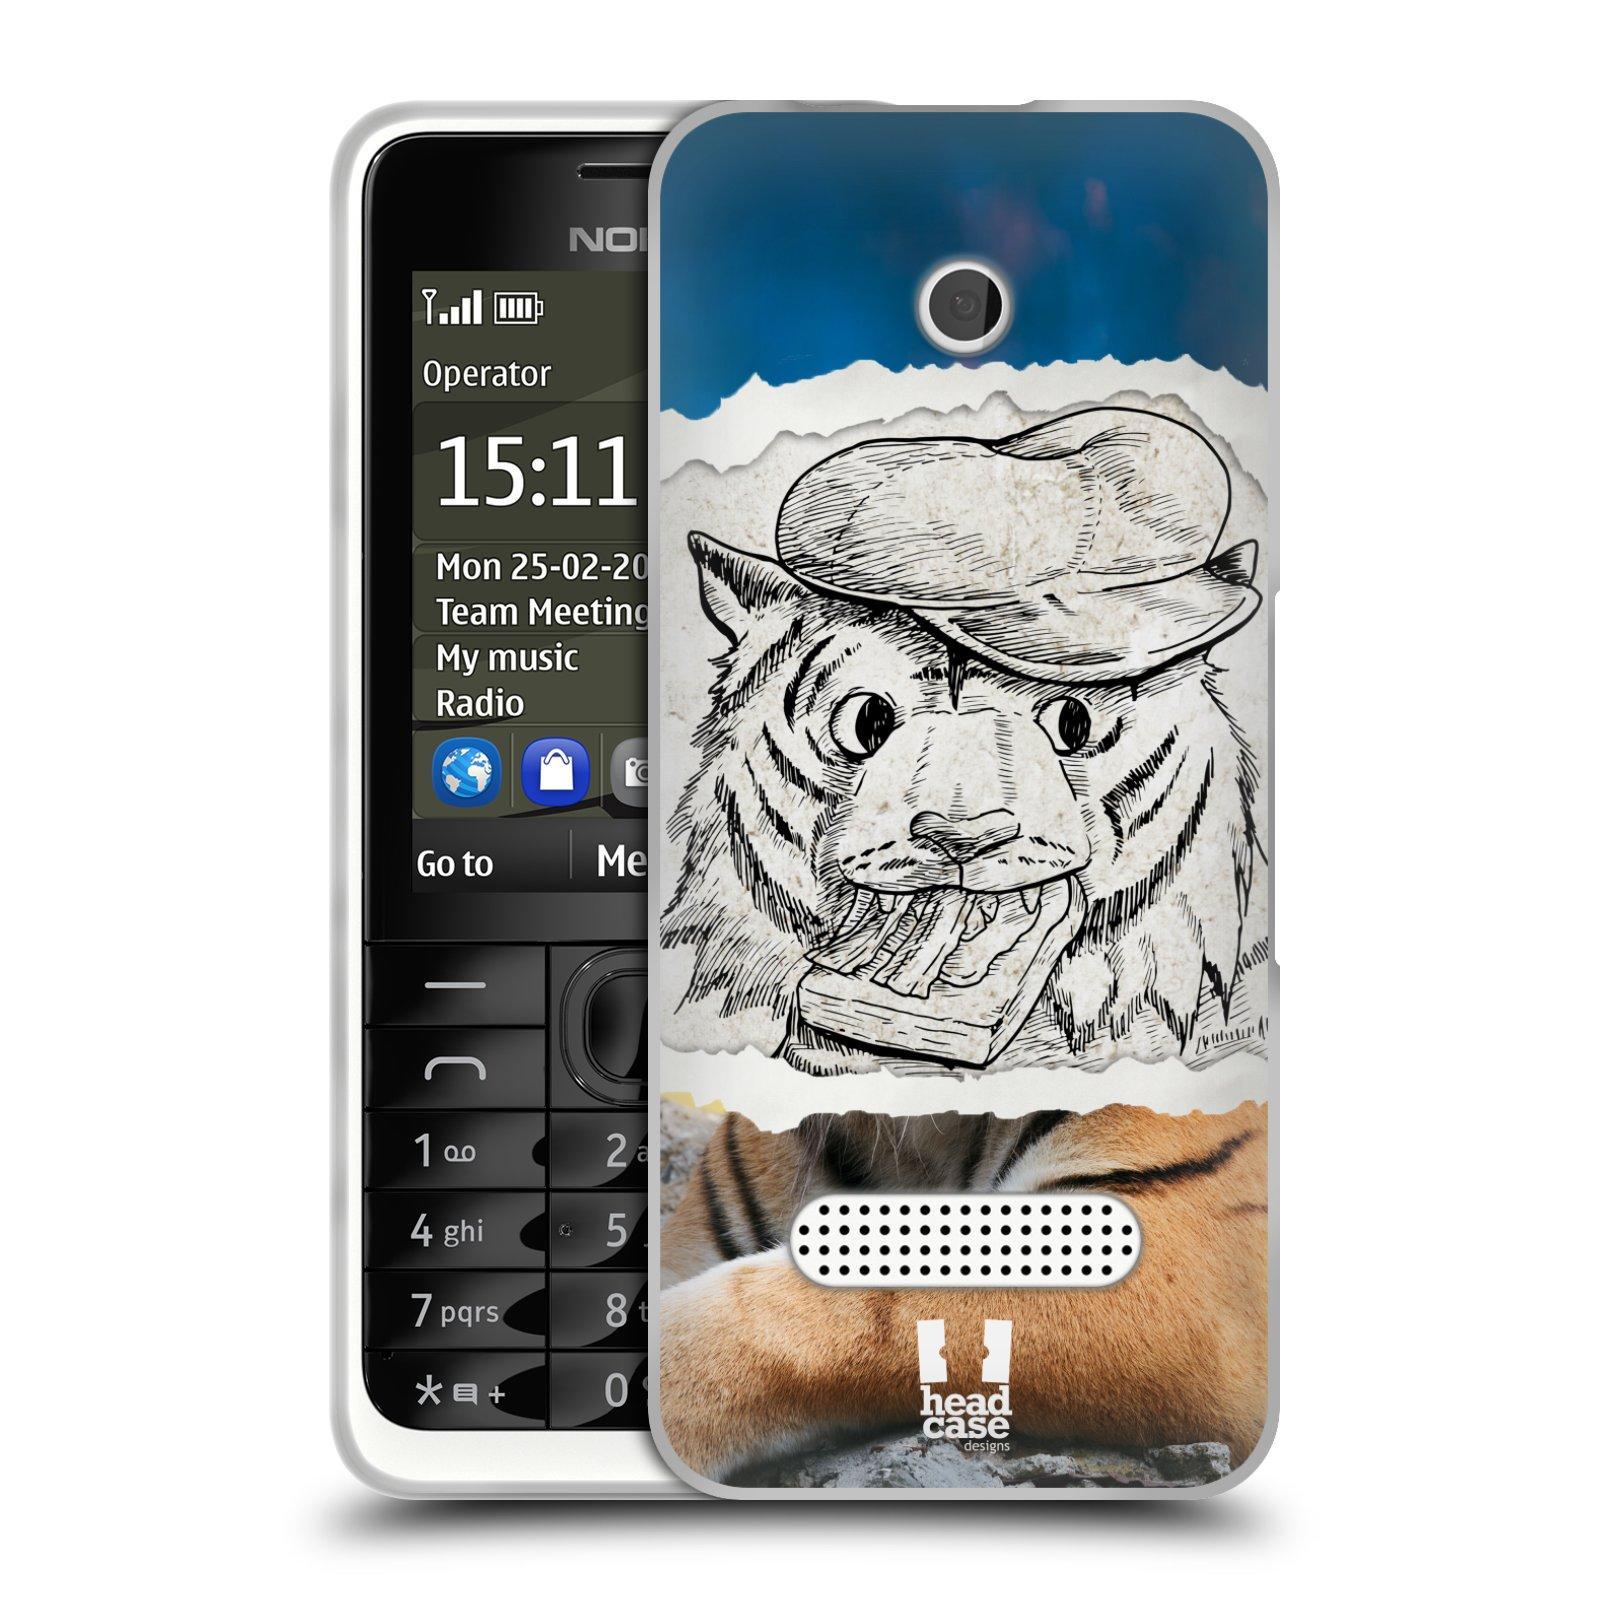 HEAD CASE silikonový obal na mobil NOKIA 301 vzor zvířata koláž tygr fešák